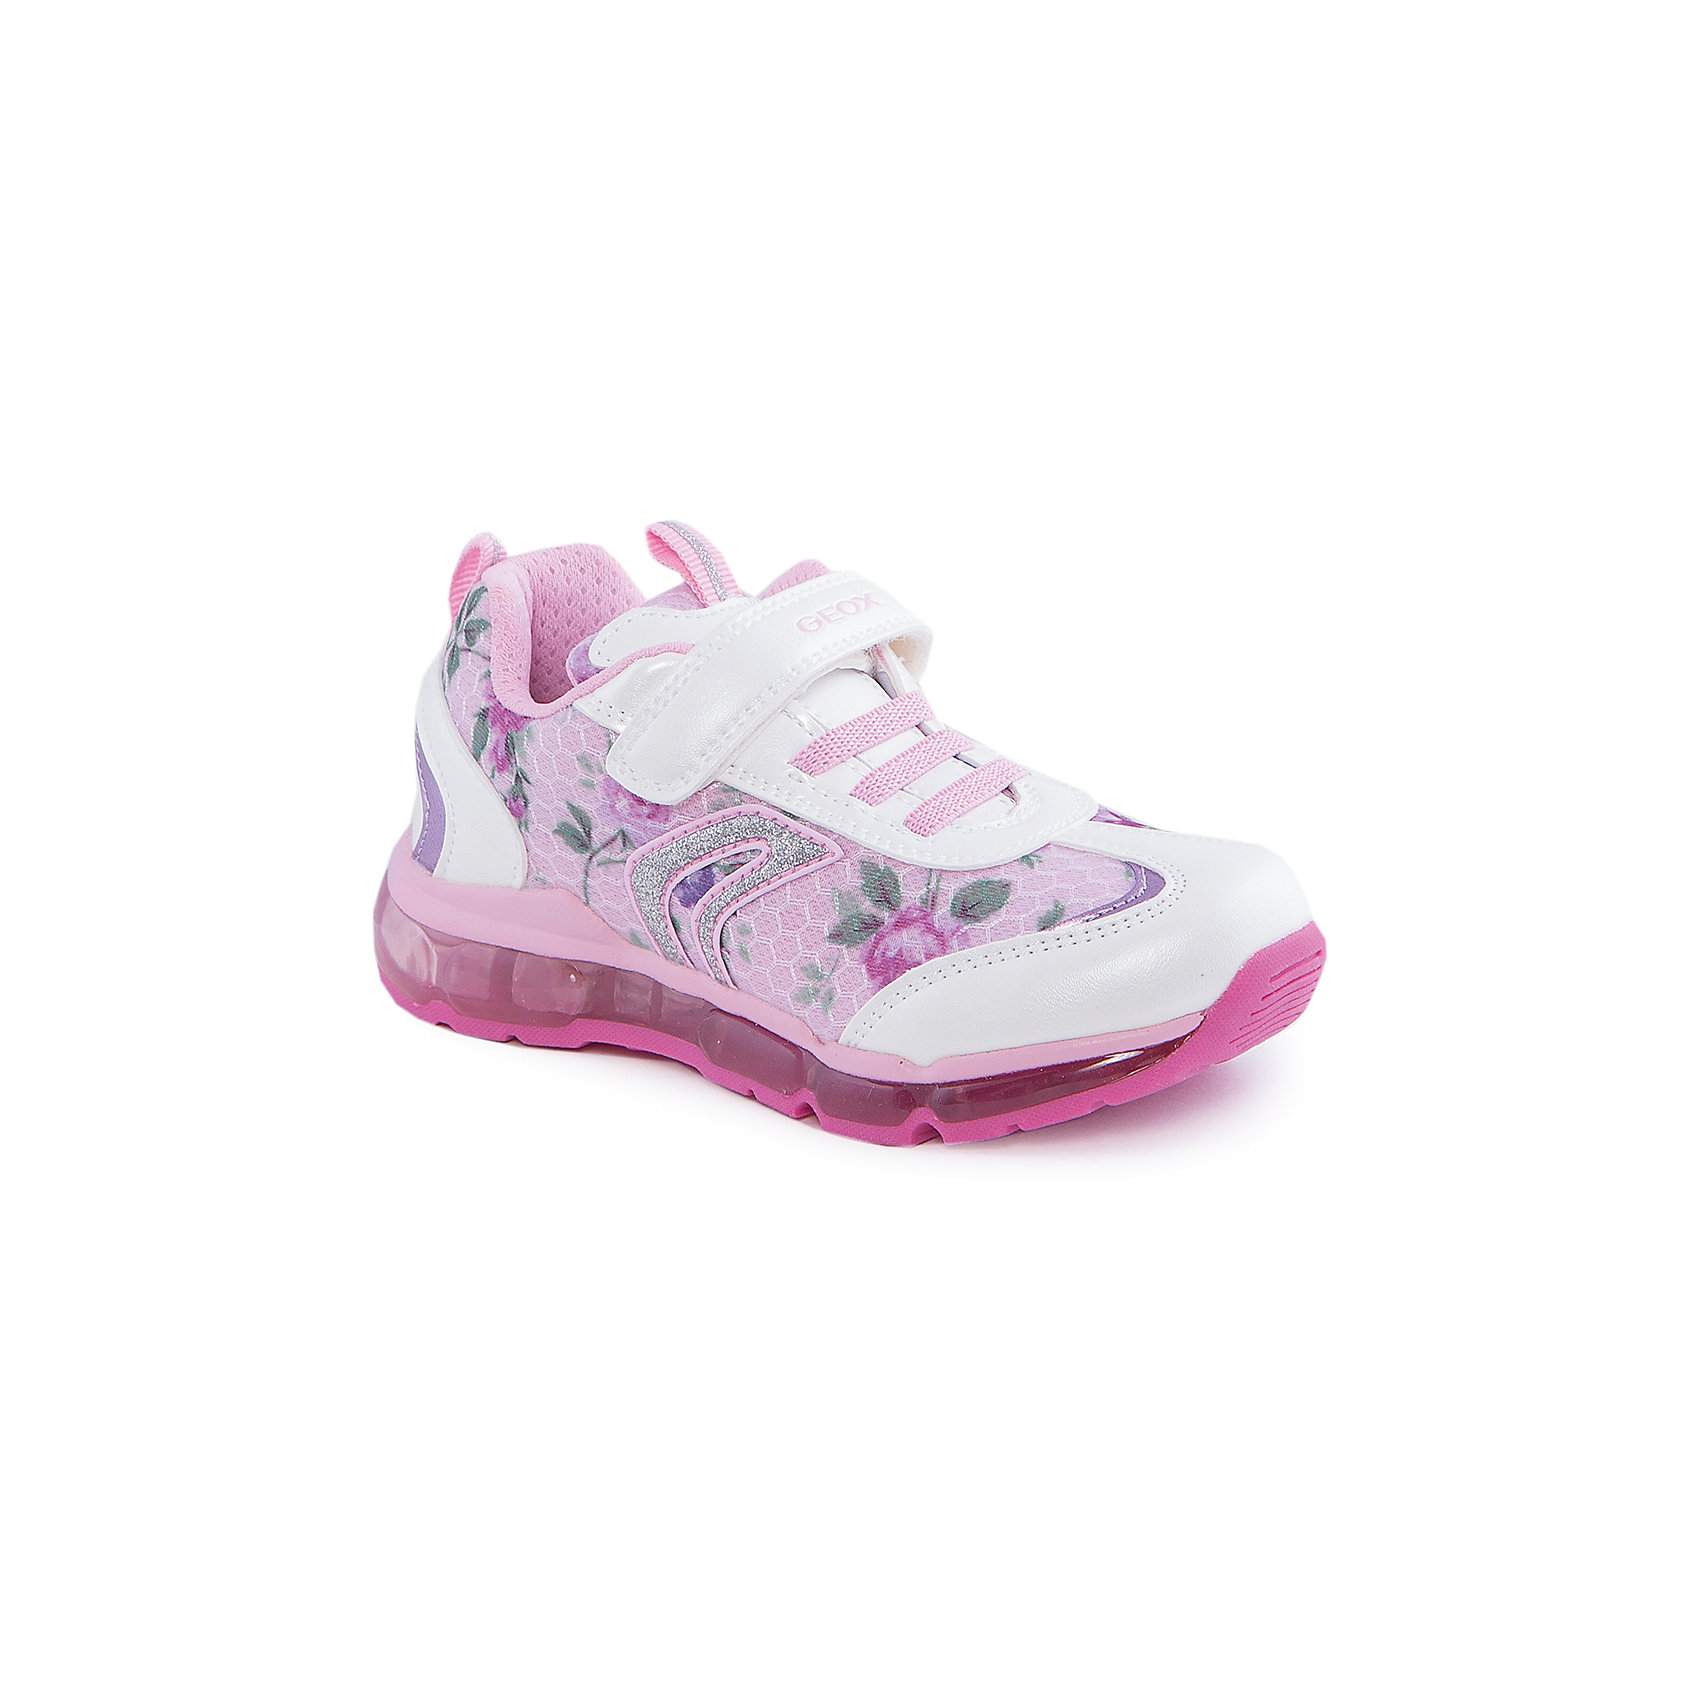 Кроссовки со светодиодами для девочки GEOXКроссовки для девочки от популярной марки GEOX (Геокс).<br><br>Яркие розовые кроссовки - отличная обувь для нового весеннего сезона. Модель очень стильно и оригинально смотрится.<br>Производитель обуви заботится не только о внешнем виде, но и стабильно высоком качестве продукции. GEOX (Геокс) разработал специальную дышащую подошву, которая не пропускает влагу внутрь, а также высокотехнологичную стельку.<br><br>Отличительные особенности модели:<br><br>- цвет: розовый;<br>- украшены принтом, белыми и серебристыми элементами;<br>- гибкая водоотталкивающая подошва с дышащей мембраной;<br>- мягкий и легкий верх;<br>- защита пальцев и пятки;<br>- стильный дизайн;<br>- удобная застежка-липучка, шнуровка;<br>- комфортное облегание;<br>- верх обуви и подкладка сделаны без использования хрома.<br><br>Дополнительная информация:<br><br>- Температурный режим: от +10° С до 25° С.<br><br>- Состав:<br><br>материал верха: текстиль, синтетический материал<br>материал подкладки: текстиль<br>подошва: 100% резина<br><br>Кроссовки для девочки GEOX (Геокс) (Геокс) можно купить в нашем магазине.<br><br>Ширина мм: 250<br>Глубина мм: 150<br>Высота мм: 150<br>Вес г: 250<br>Цвет: белый<br>Возраст от месяцев: 72<br>Возраст до месяцев: 84<br>Пол: Женский<br>Возраст: Детский<br>Размер: 30,26,27,28,35,32,33,34,31,29<br>SKU: 4519467